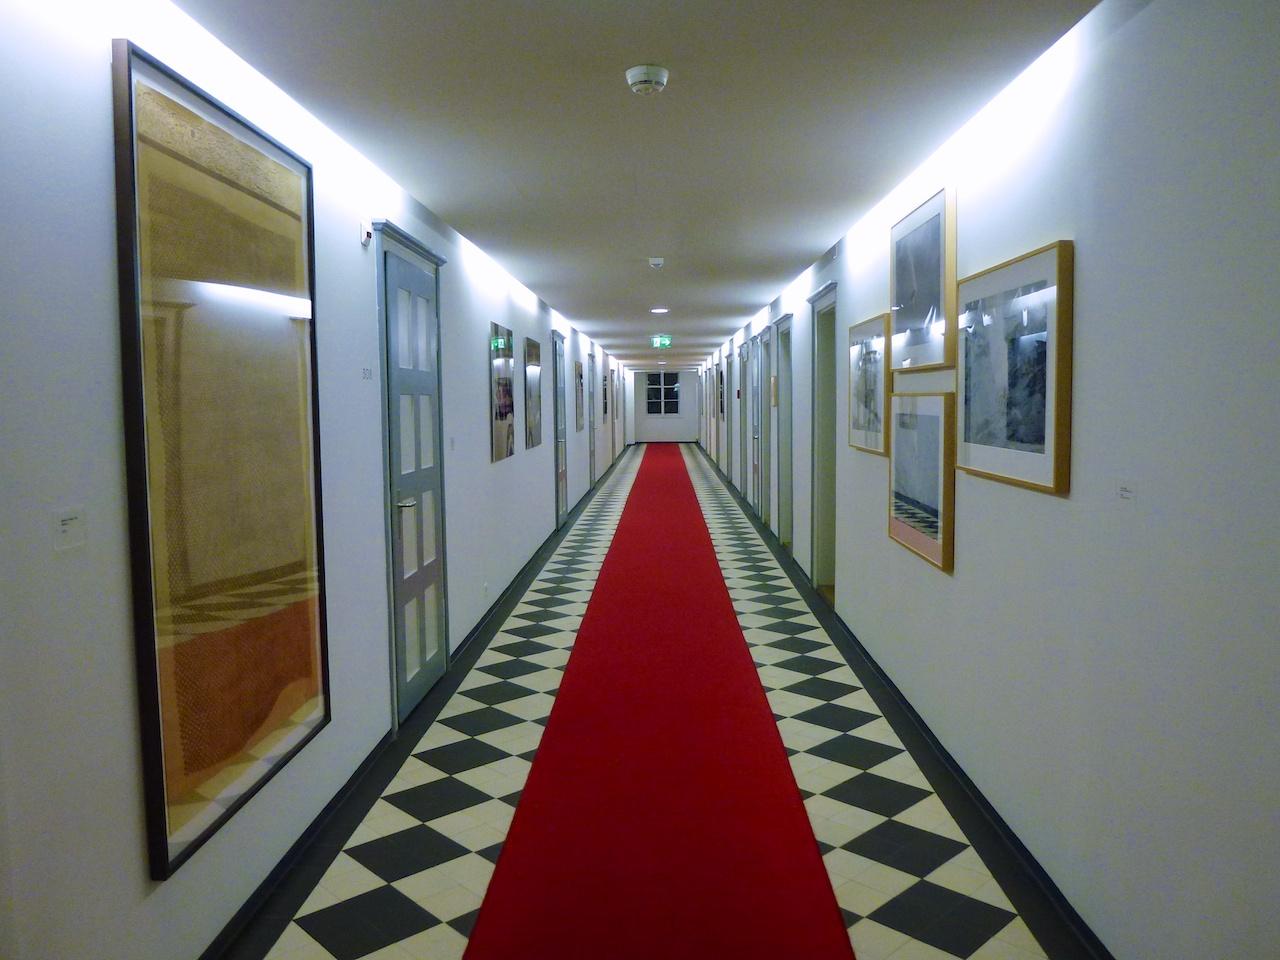 Die Zimmergänge: Während sich die Gäste hinter den doppelten Zimmertüren zurückziehen können, gibts im Gang Kunstwerke aus der Sammlung von Ruedi Bechter zu sehen.